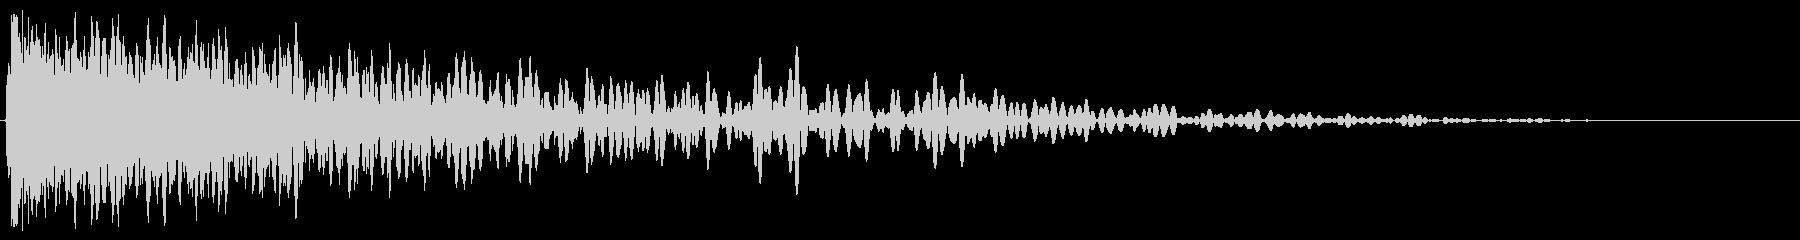 エレクトロライントゥワンエクスプロ...の未再生の波形